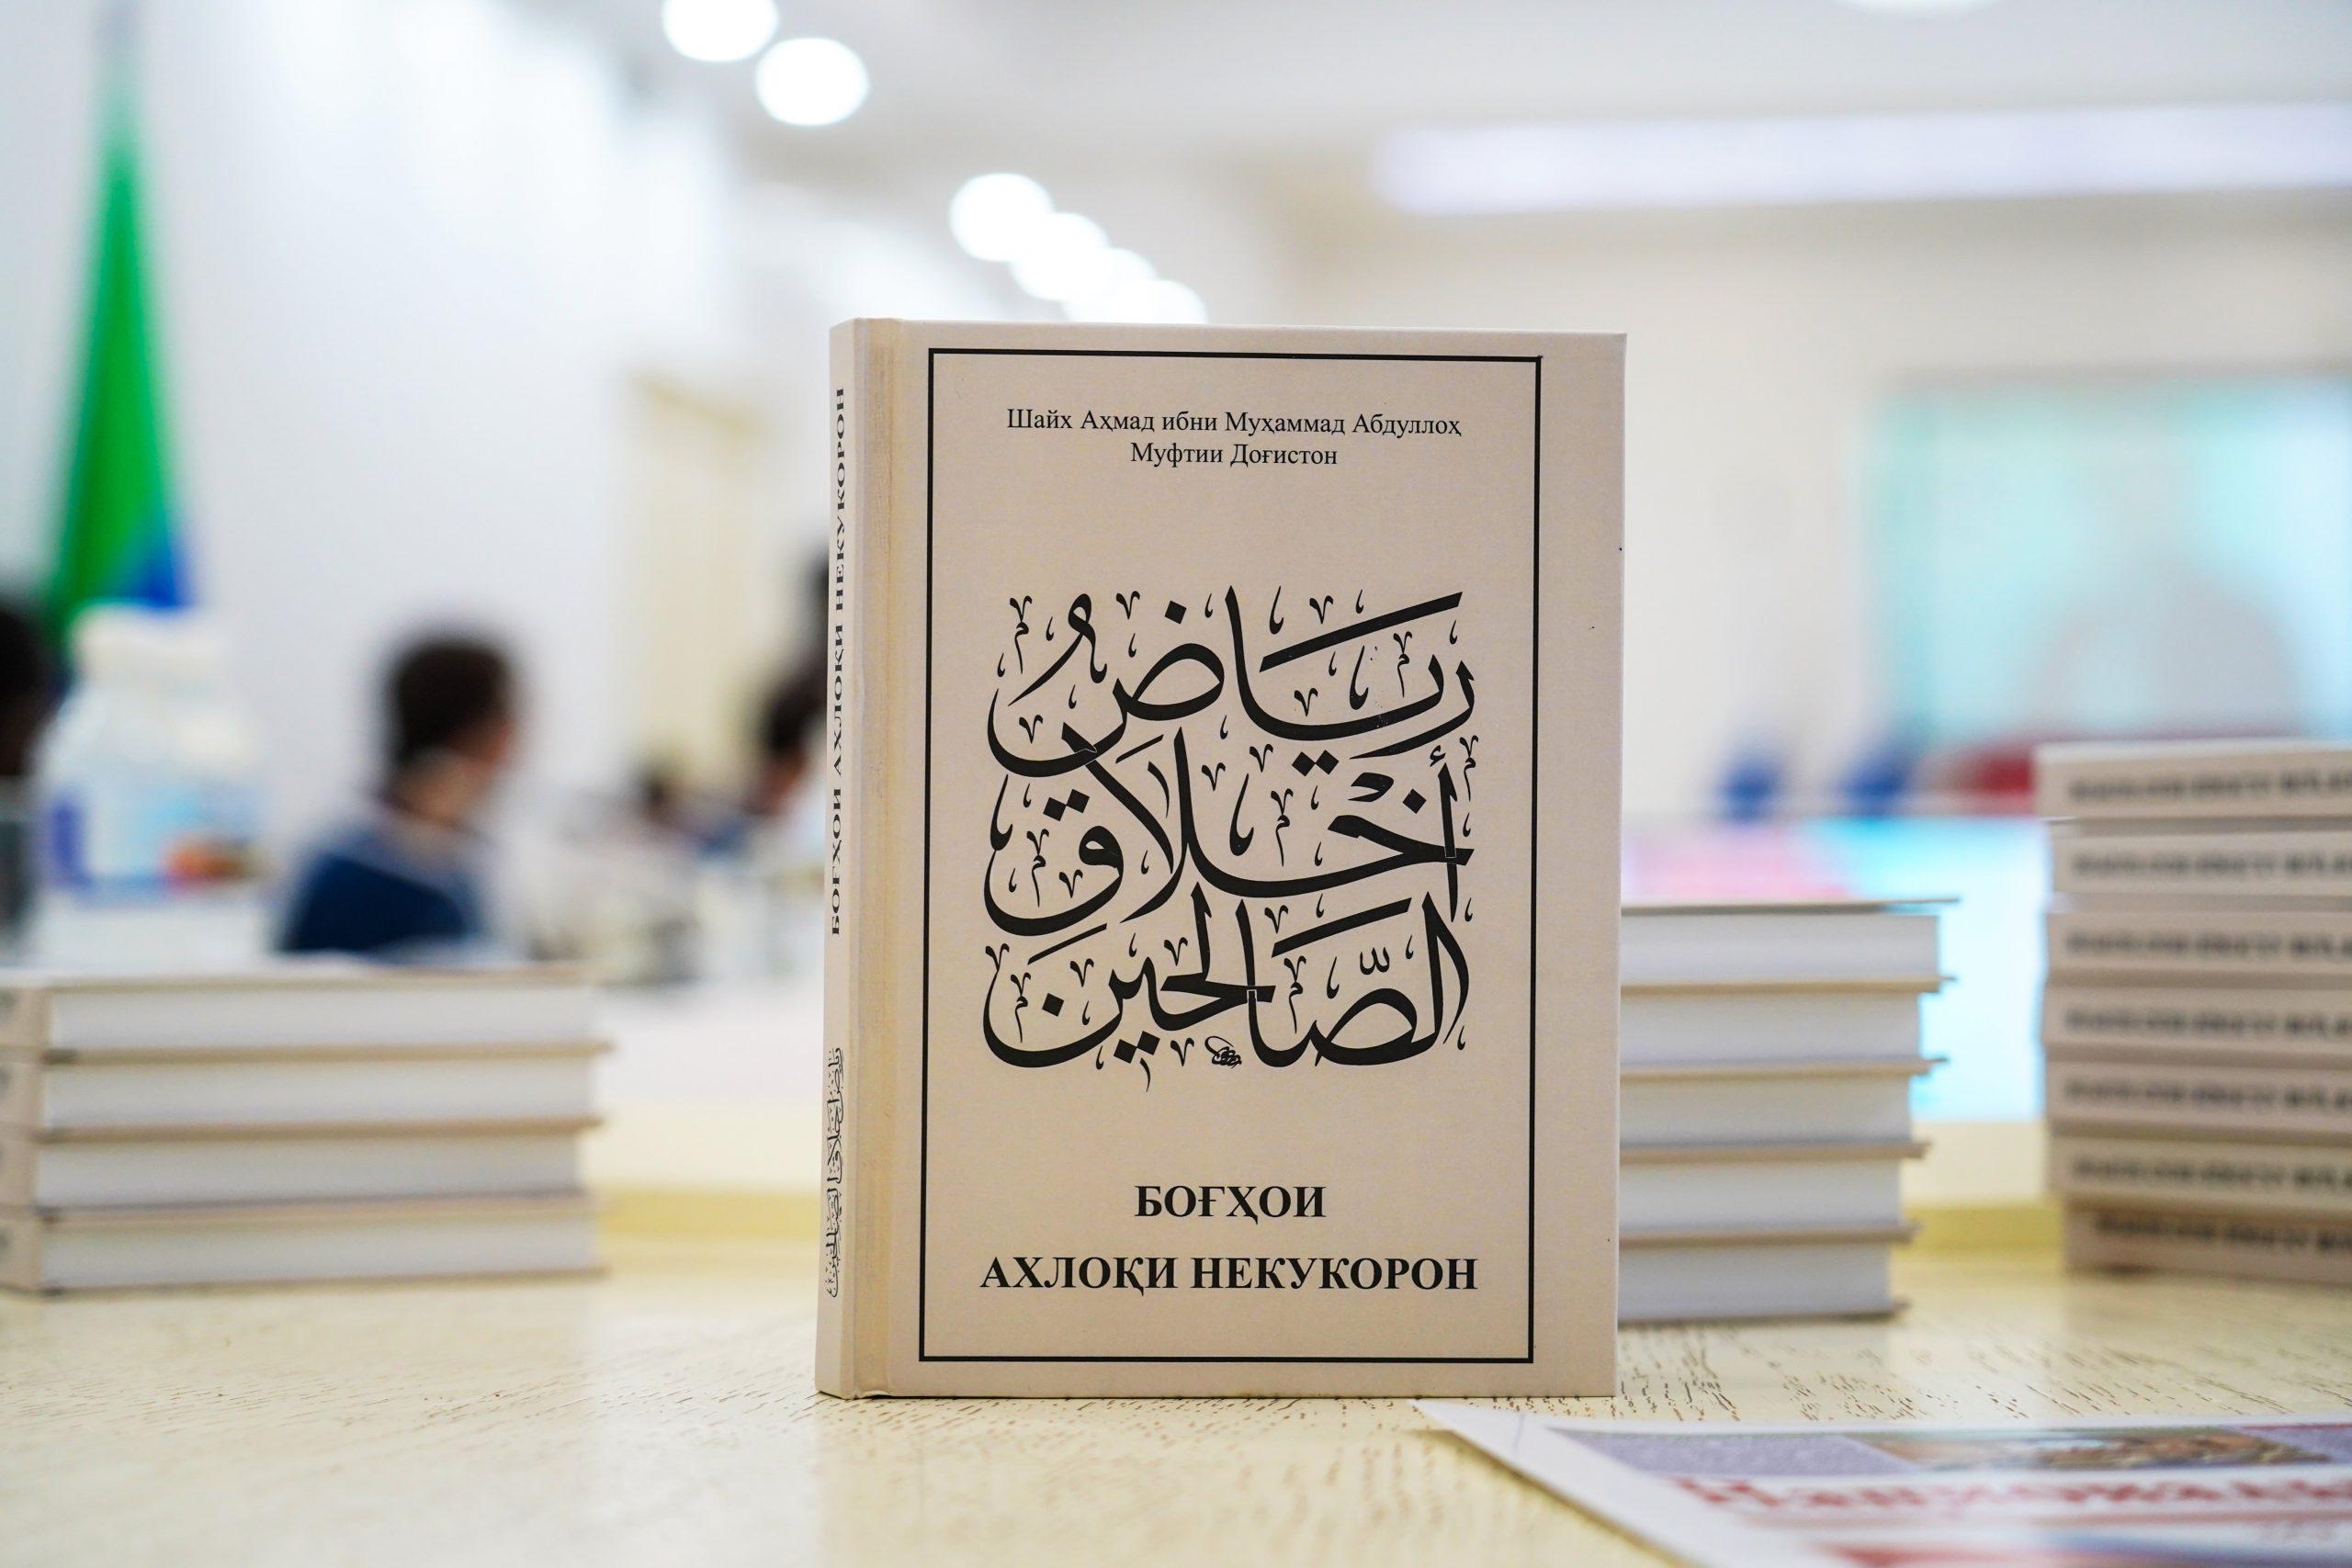 Состоялась презентация книги муфтия Дагестана «Благонравие праведников» на таджикском языке